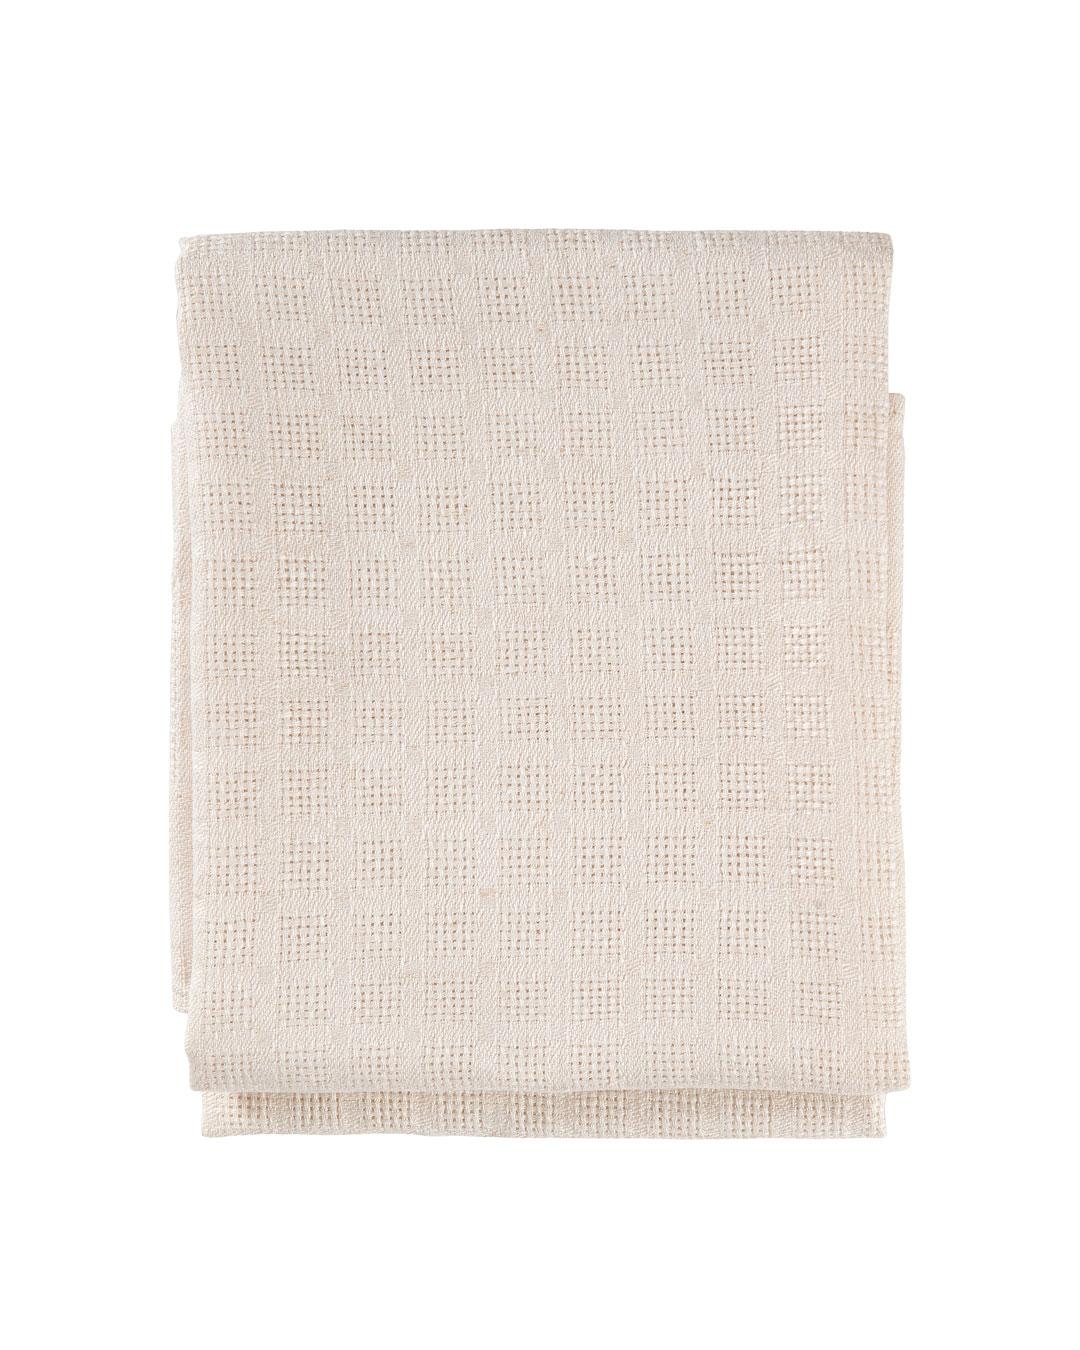 Annelies Planteijdt, Mooie stad – Collier en theedoeken (Beautiful City - Necklace with Tea Towels), 2017, tea towel  (image 3/3)